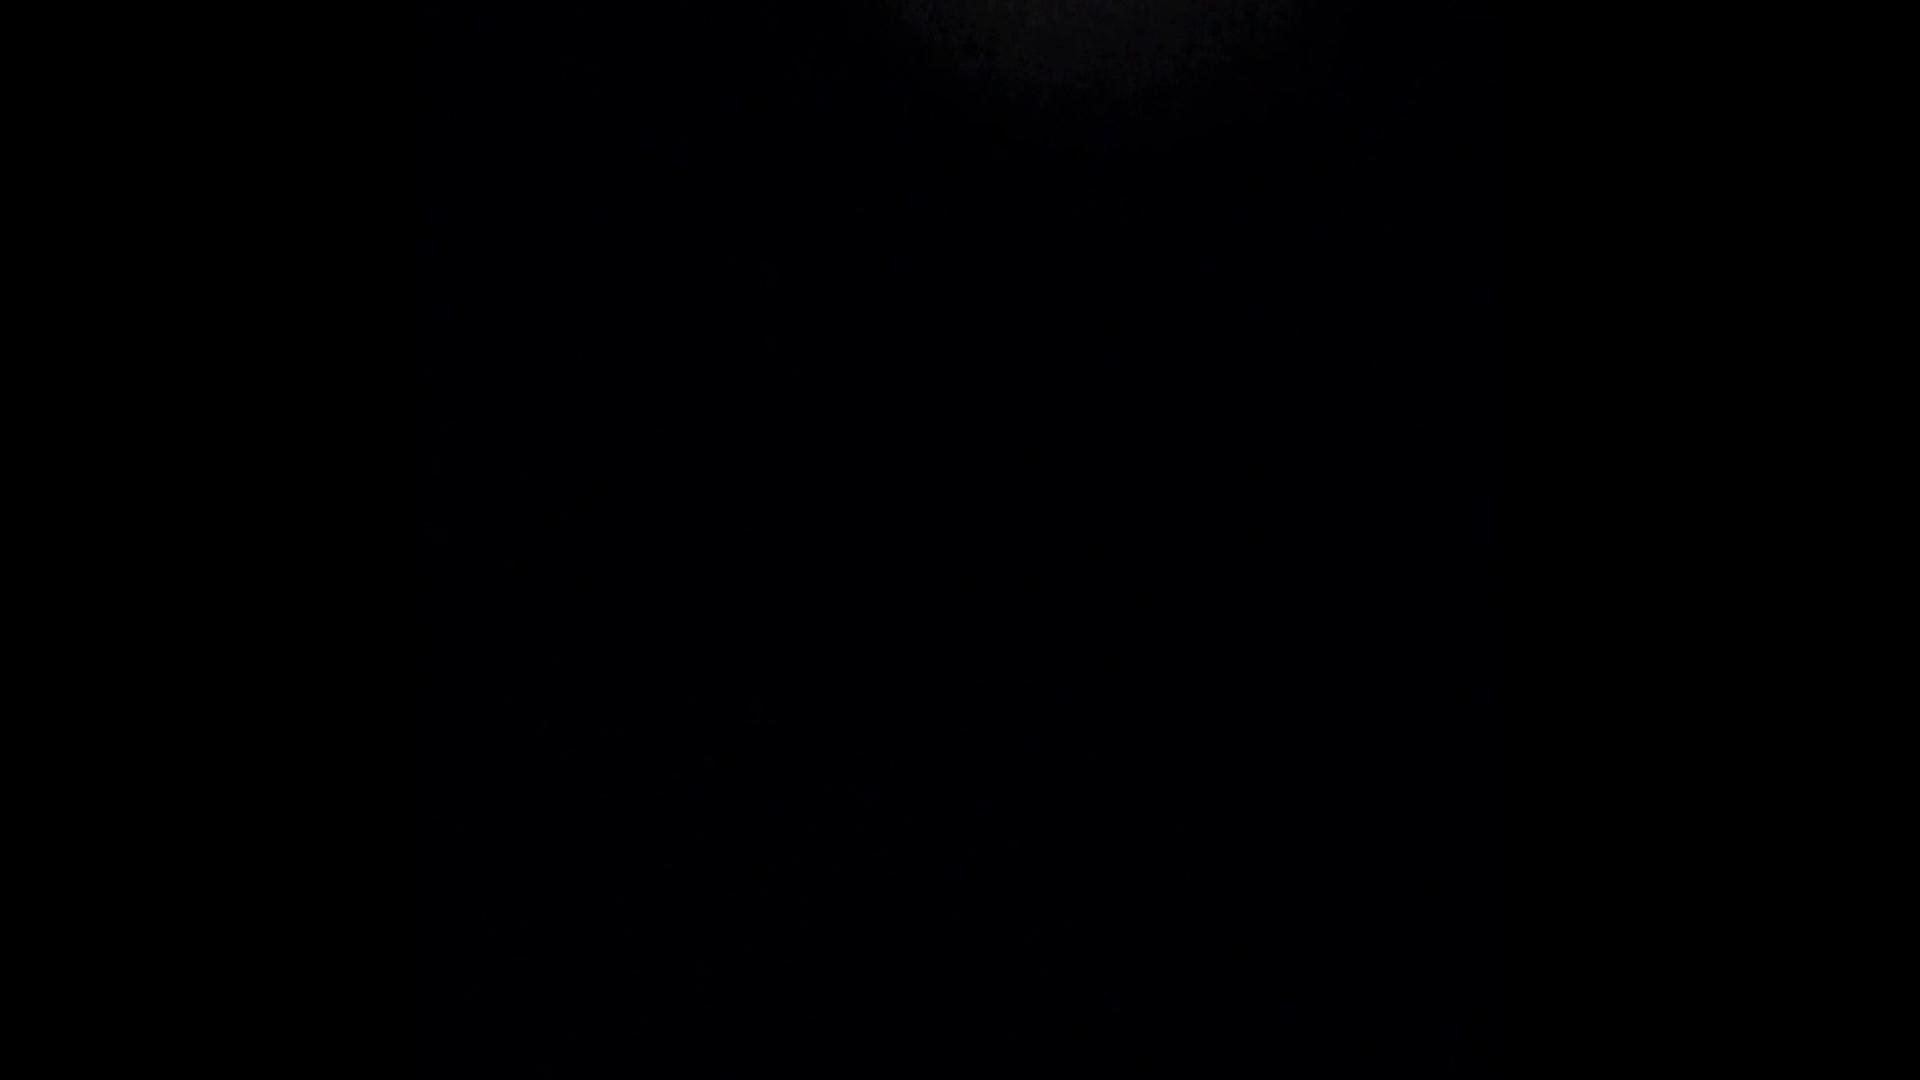 阿国ちゃんの和式洋式七変化 Vol.27 シリーズ最高作誕生 OLハメ撮り  54Pix 29